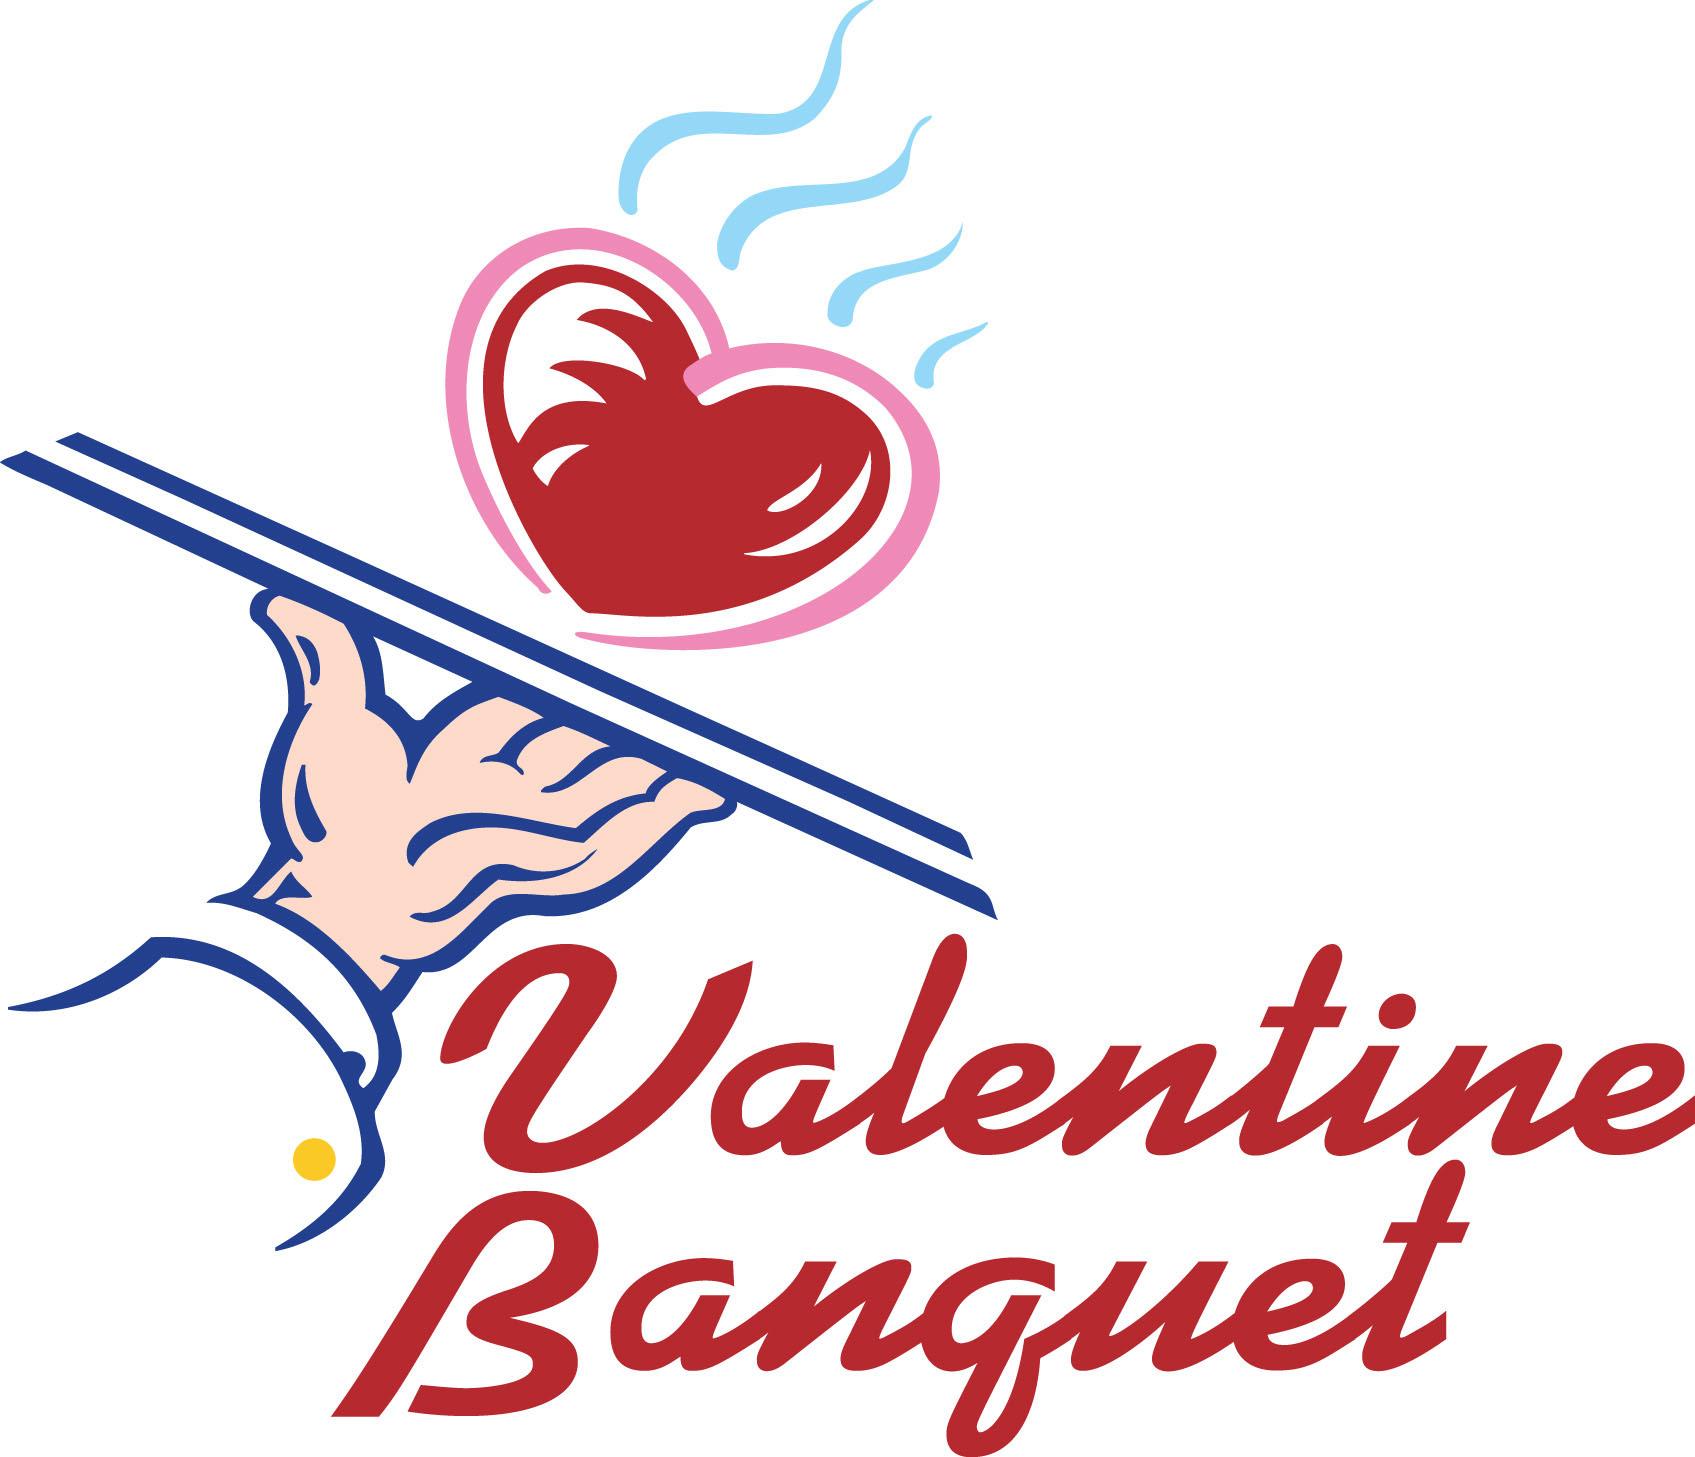 Valentine banquet clipart.